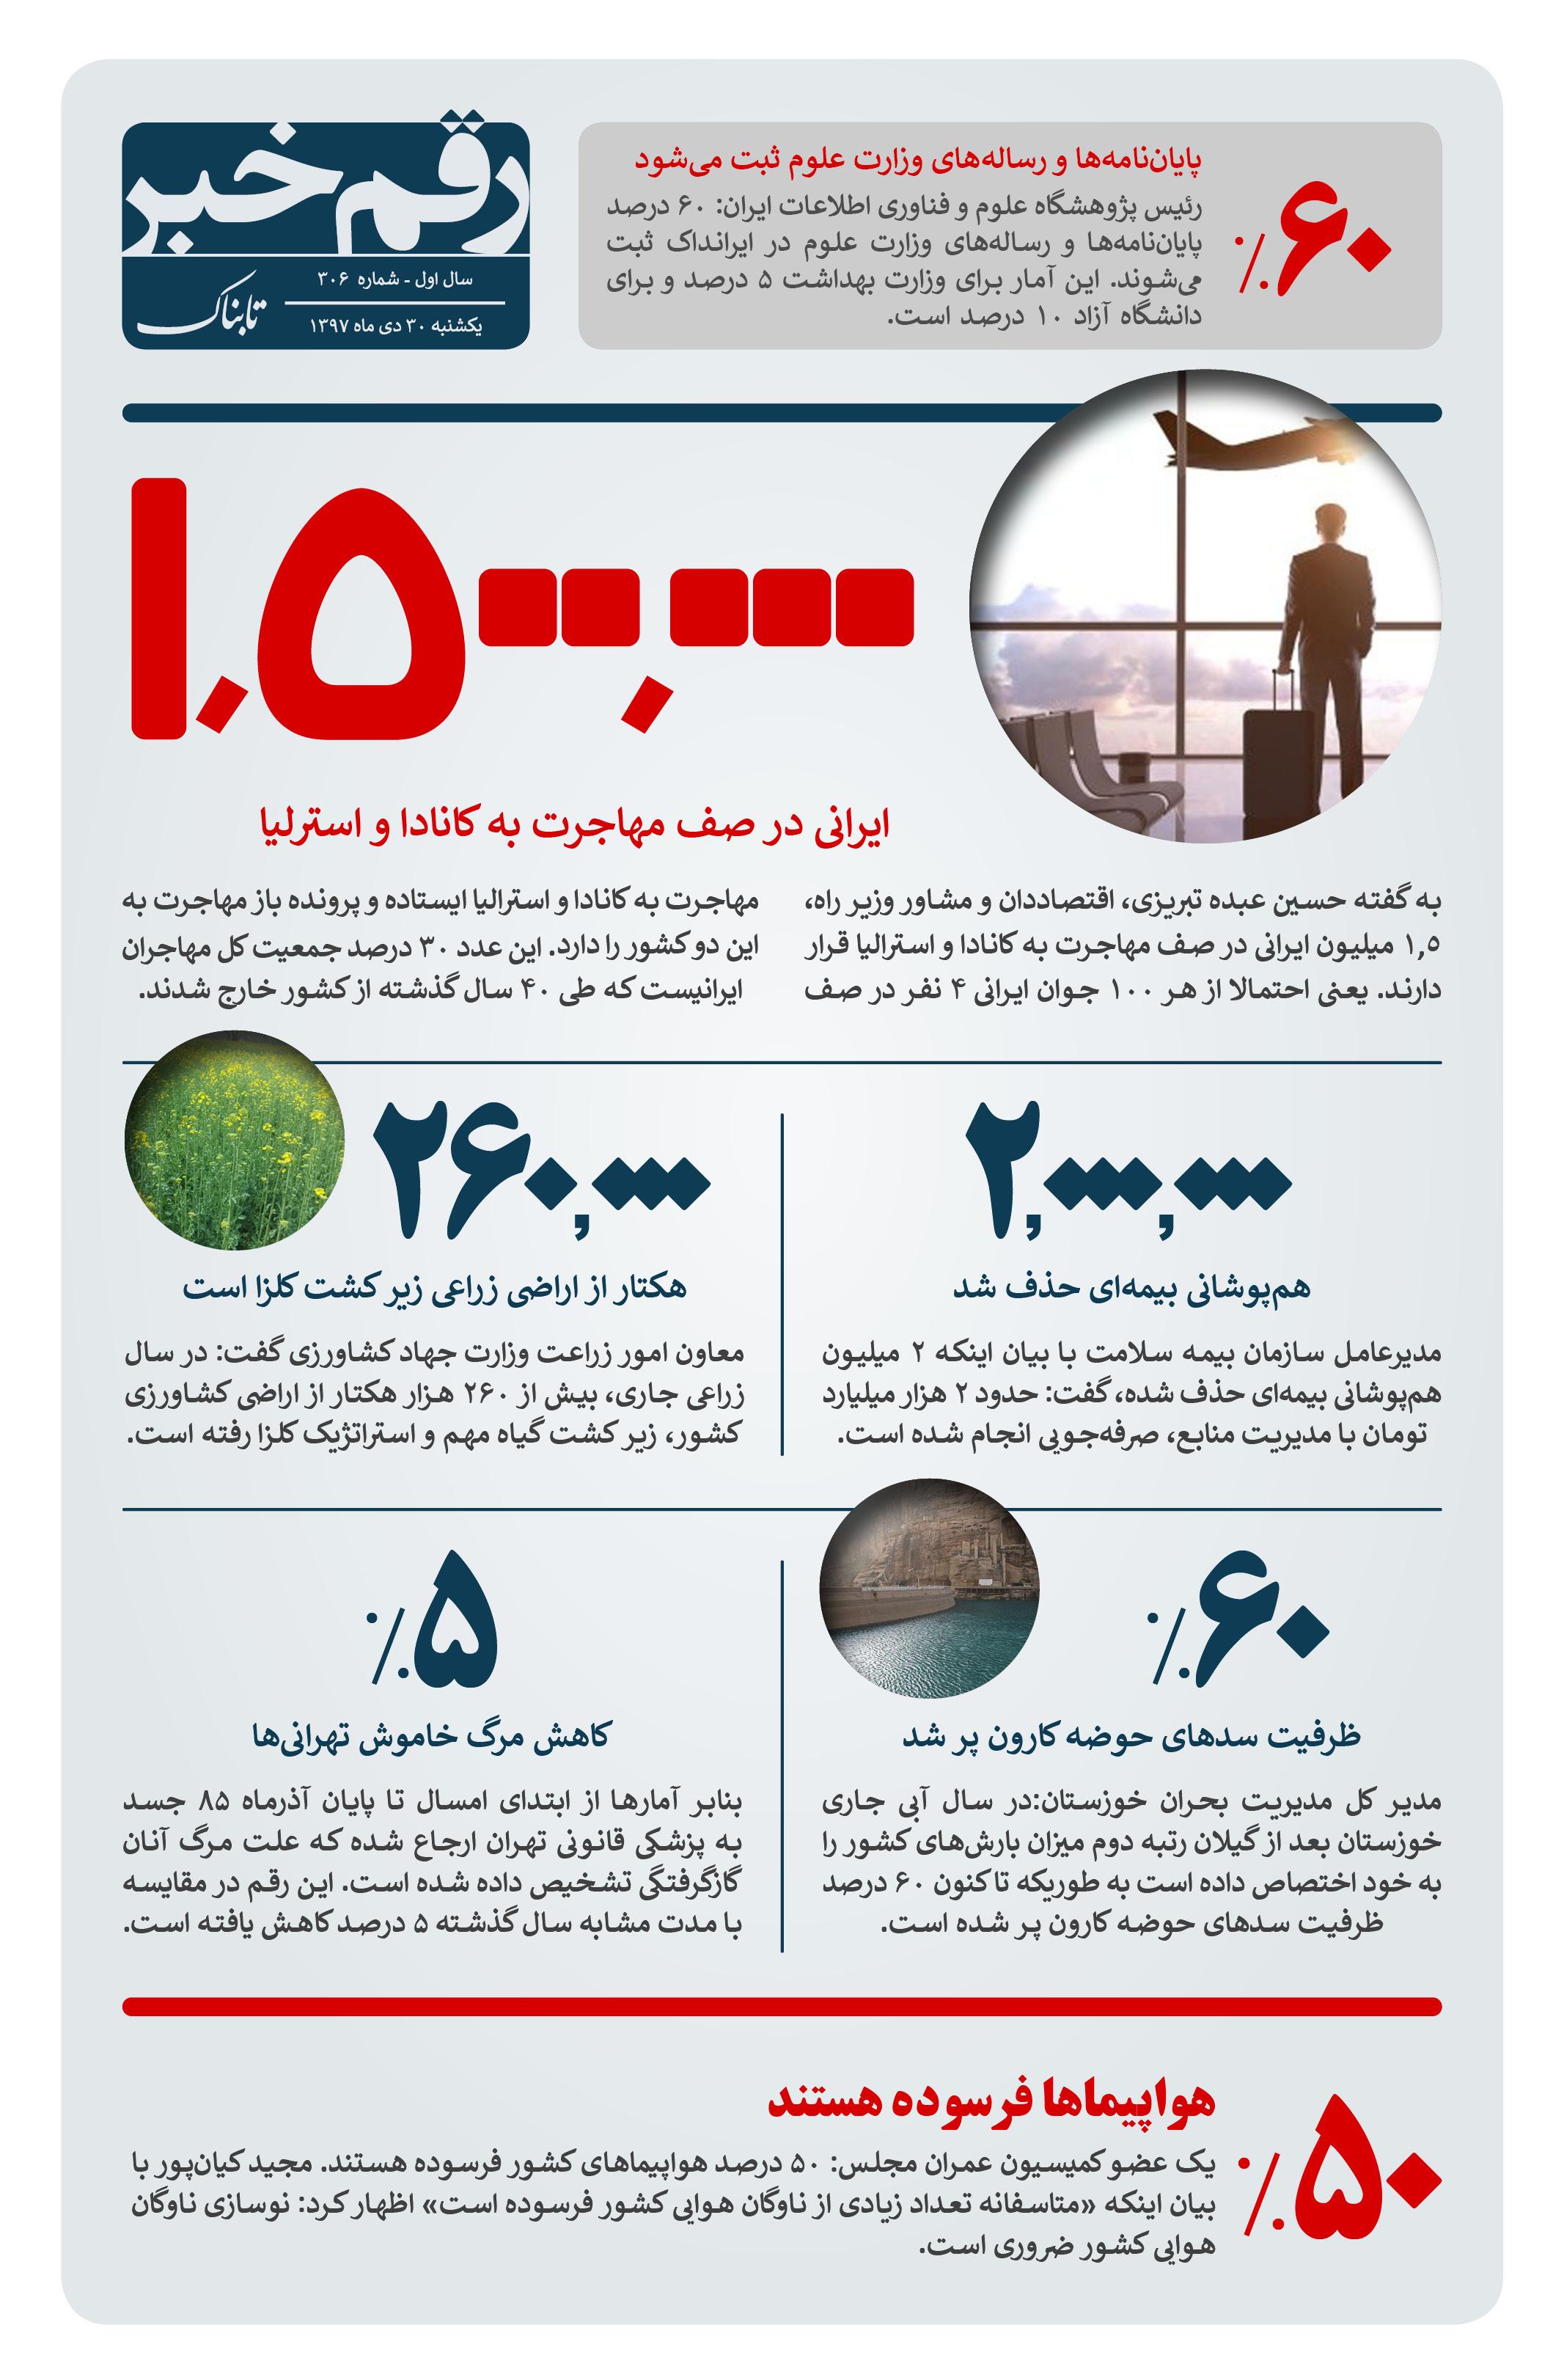 رقم خبر : آماری از ایرانیان در صف مهاجرت